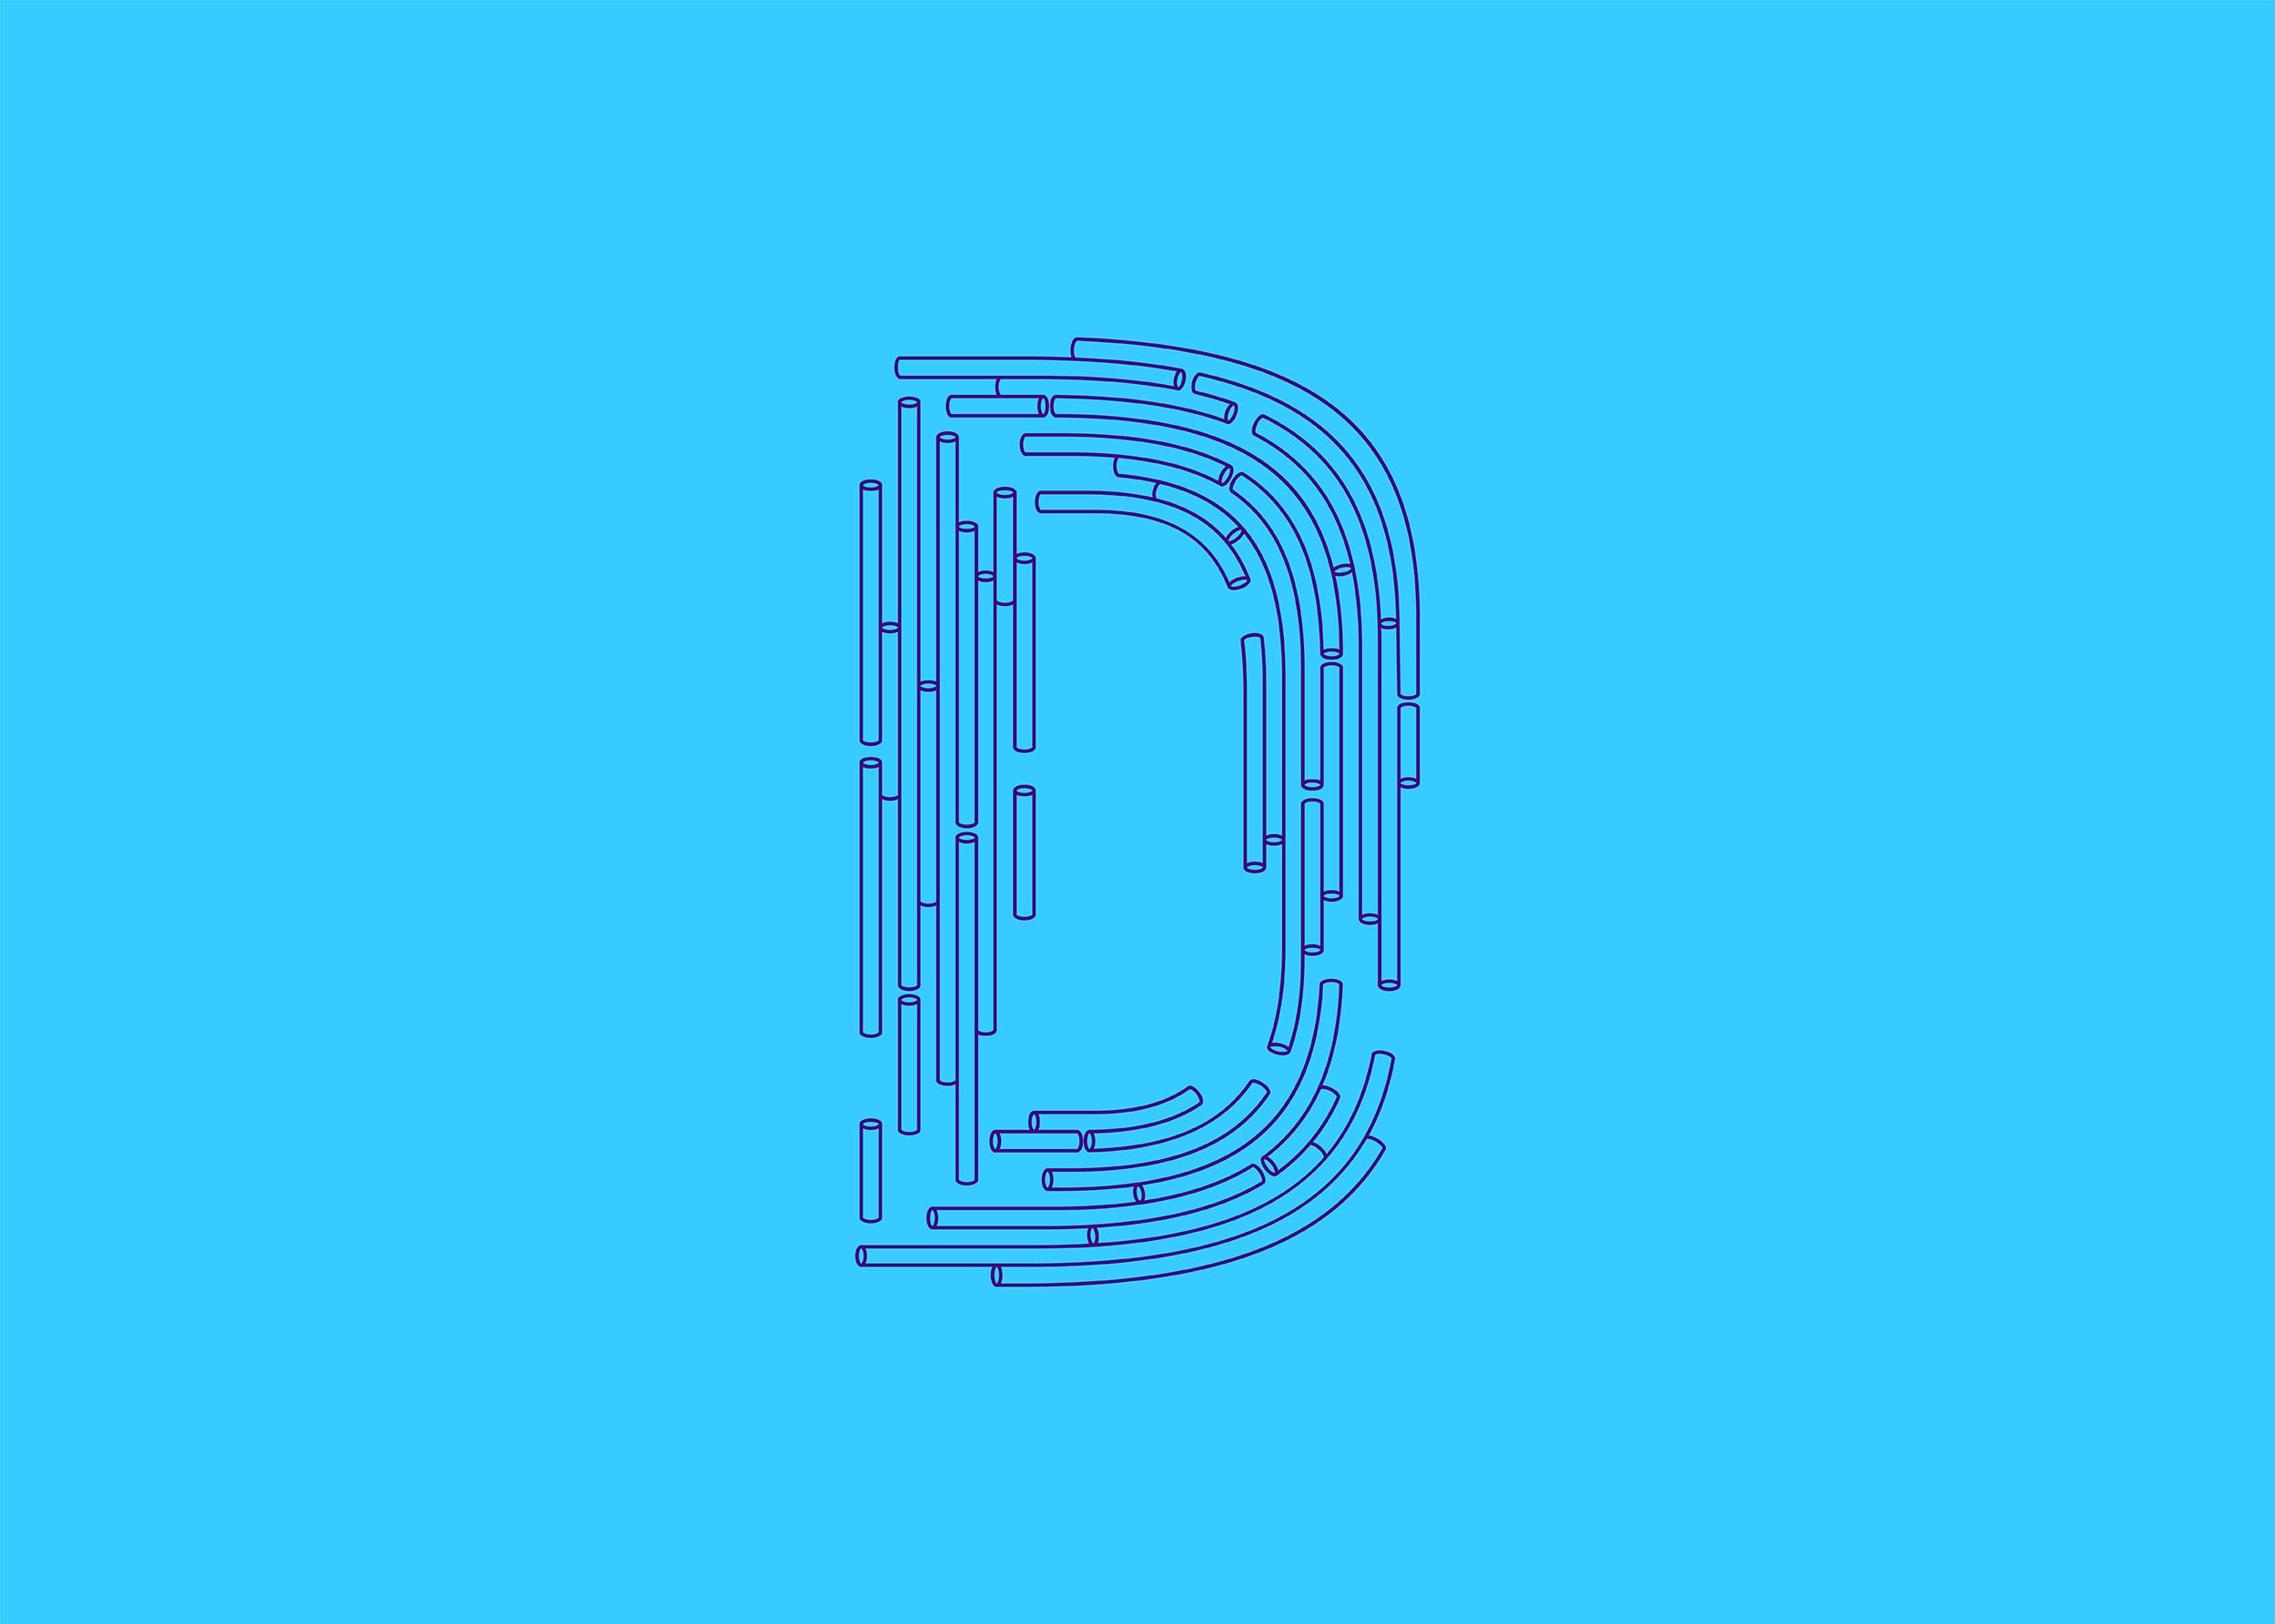 Alphabet Soup - D